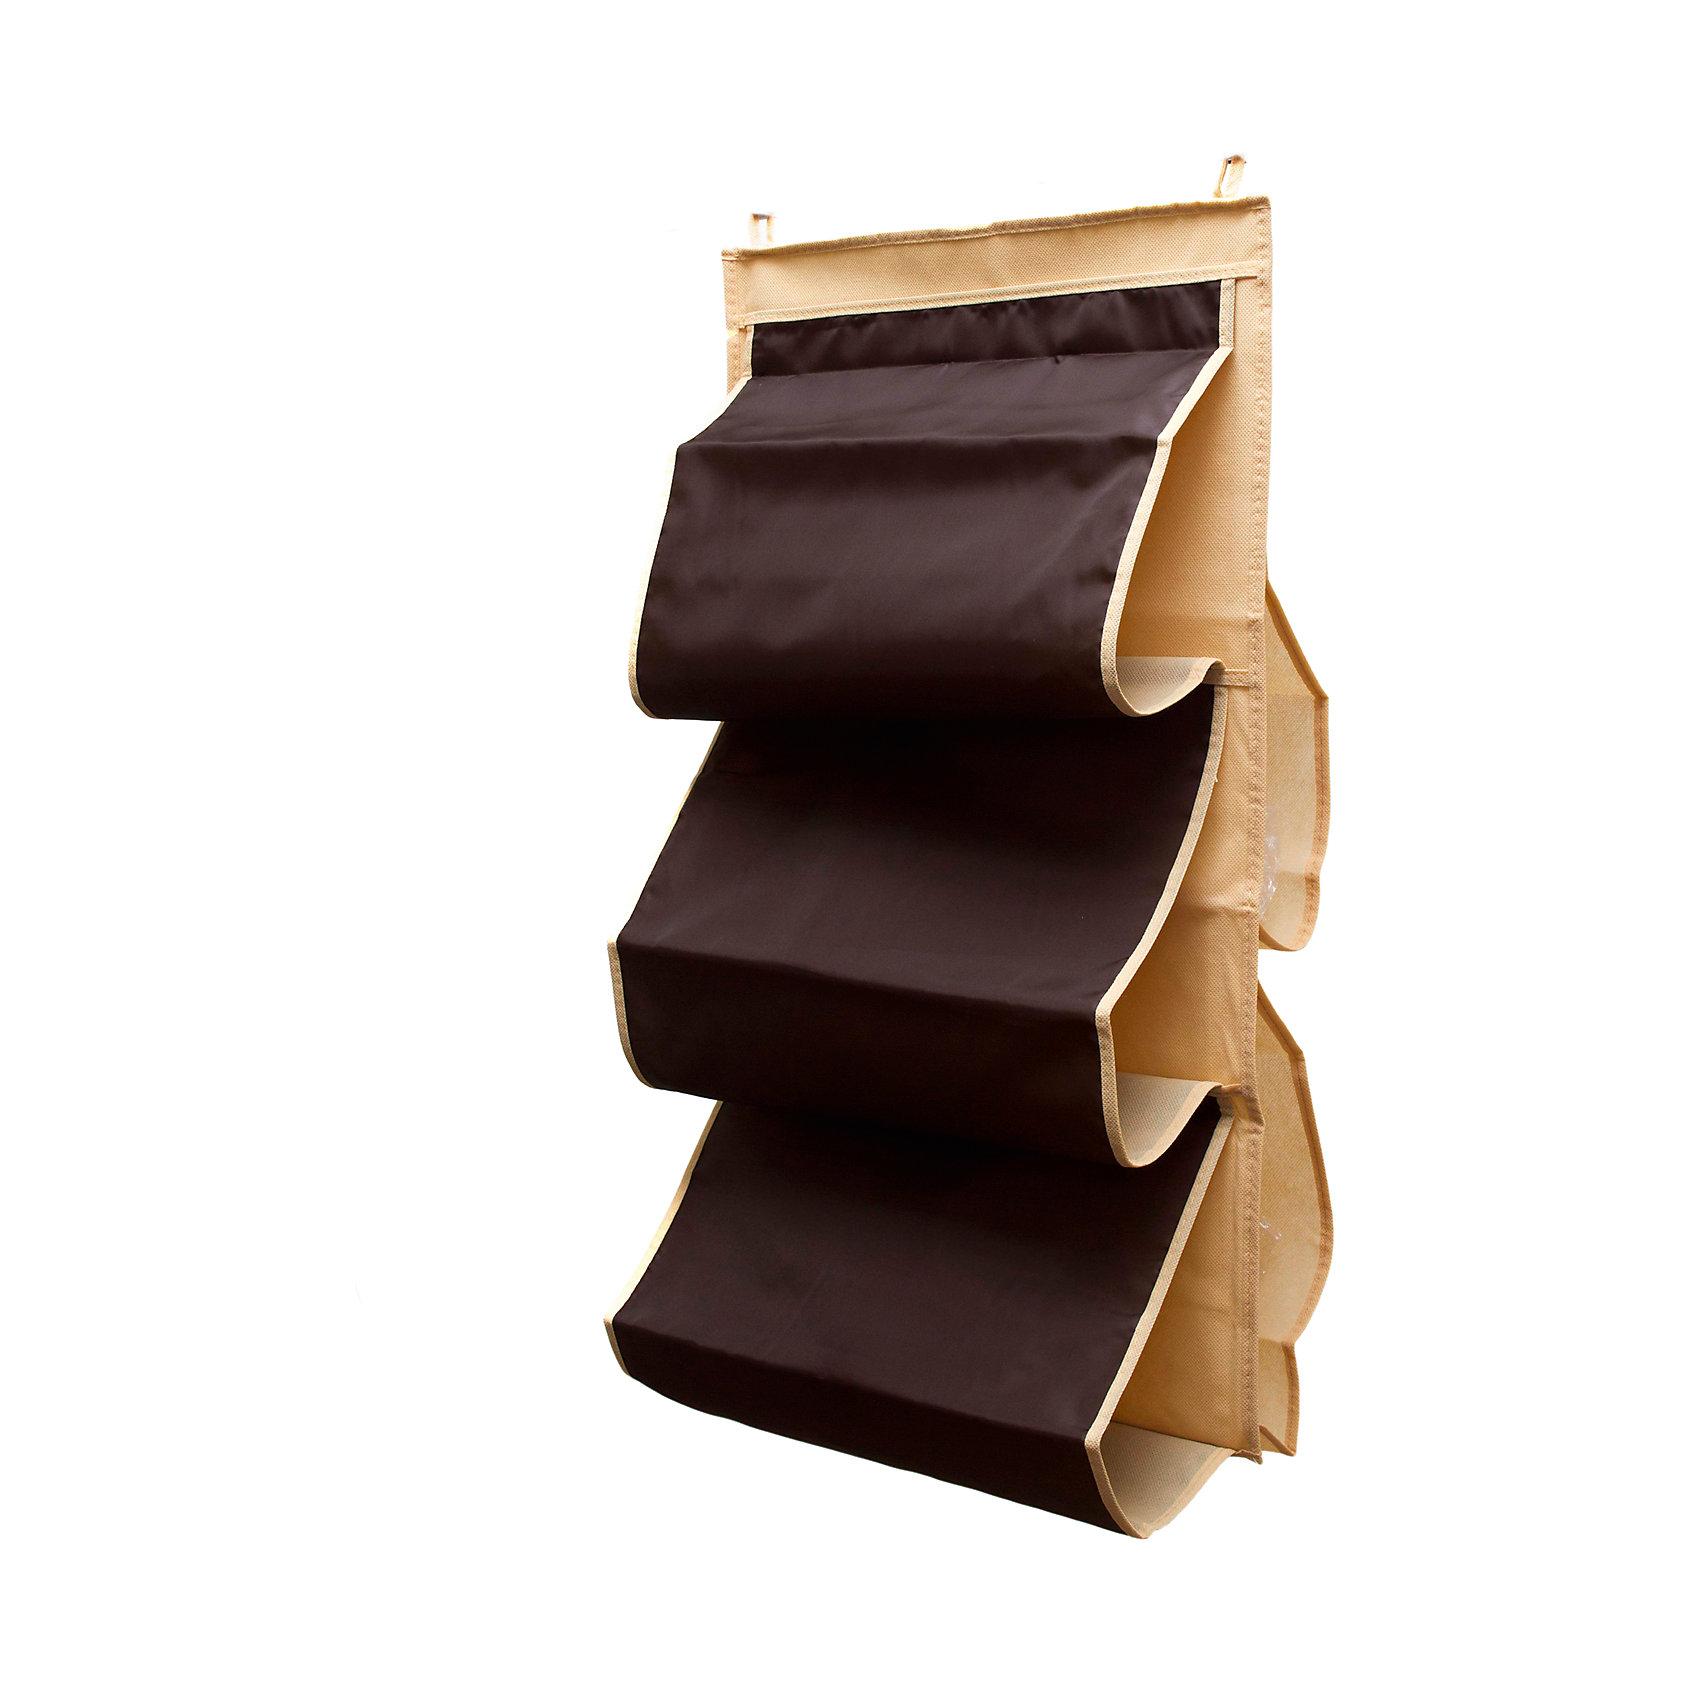 Органайзер для сумок в шкаф Costa-Rica, HomsuПорядок в детской<br>Характеристики товара:<br><br>• цвет: коричневый<br>• материал: полиэстер<br>• размер: 70х40х2 см.<br>• вес: 300 гр.<br>• застежка: молния<br>• крепление: крючок<br>• ручка для переноски<br>• вместимость: 5 отделений<br>• страна бренда: Россия<br>• страна изготовитель: Китай<br><br>Органайзер для сумок в шкаф Costa-Rica, Homsu (Хомсу) - очень удобная вещь для хранения вещей и эргономичной организации пространства.<br><br>Он состоит из пяти отделений, легко крепится на стену, дверь или внутрь шкафов.<br><br>Органайзер для сумок в шкаф Costa-Rica, Homsu можно купить в нашем интернет-магазине.<br><br>Ширина мм: 450<br>Глубина мм: 300<br>Высота мм: 20<br>Вес г: 300<br>Возраст от месяцев: 216<br>Возраст до месяцев: 1188<br>Пол: Унисекс<br>Возраст: Детский<br>SKU: 5620220